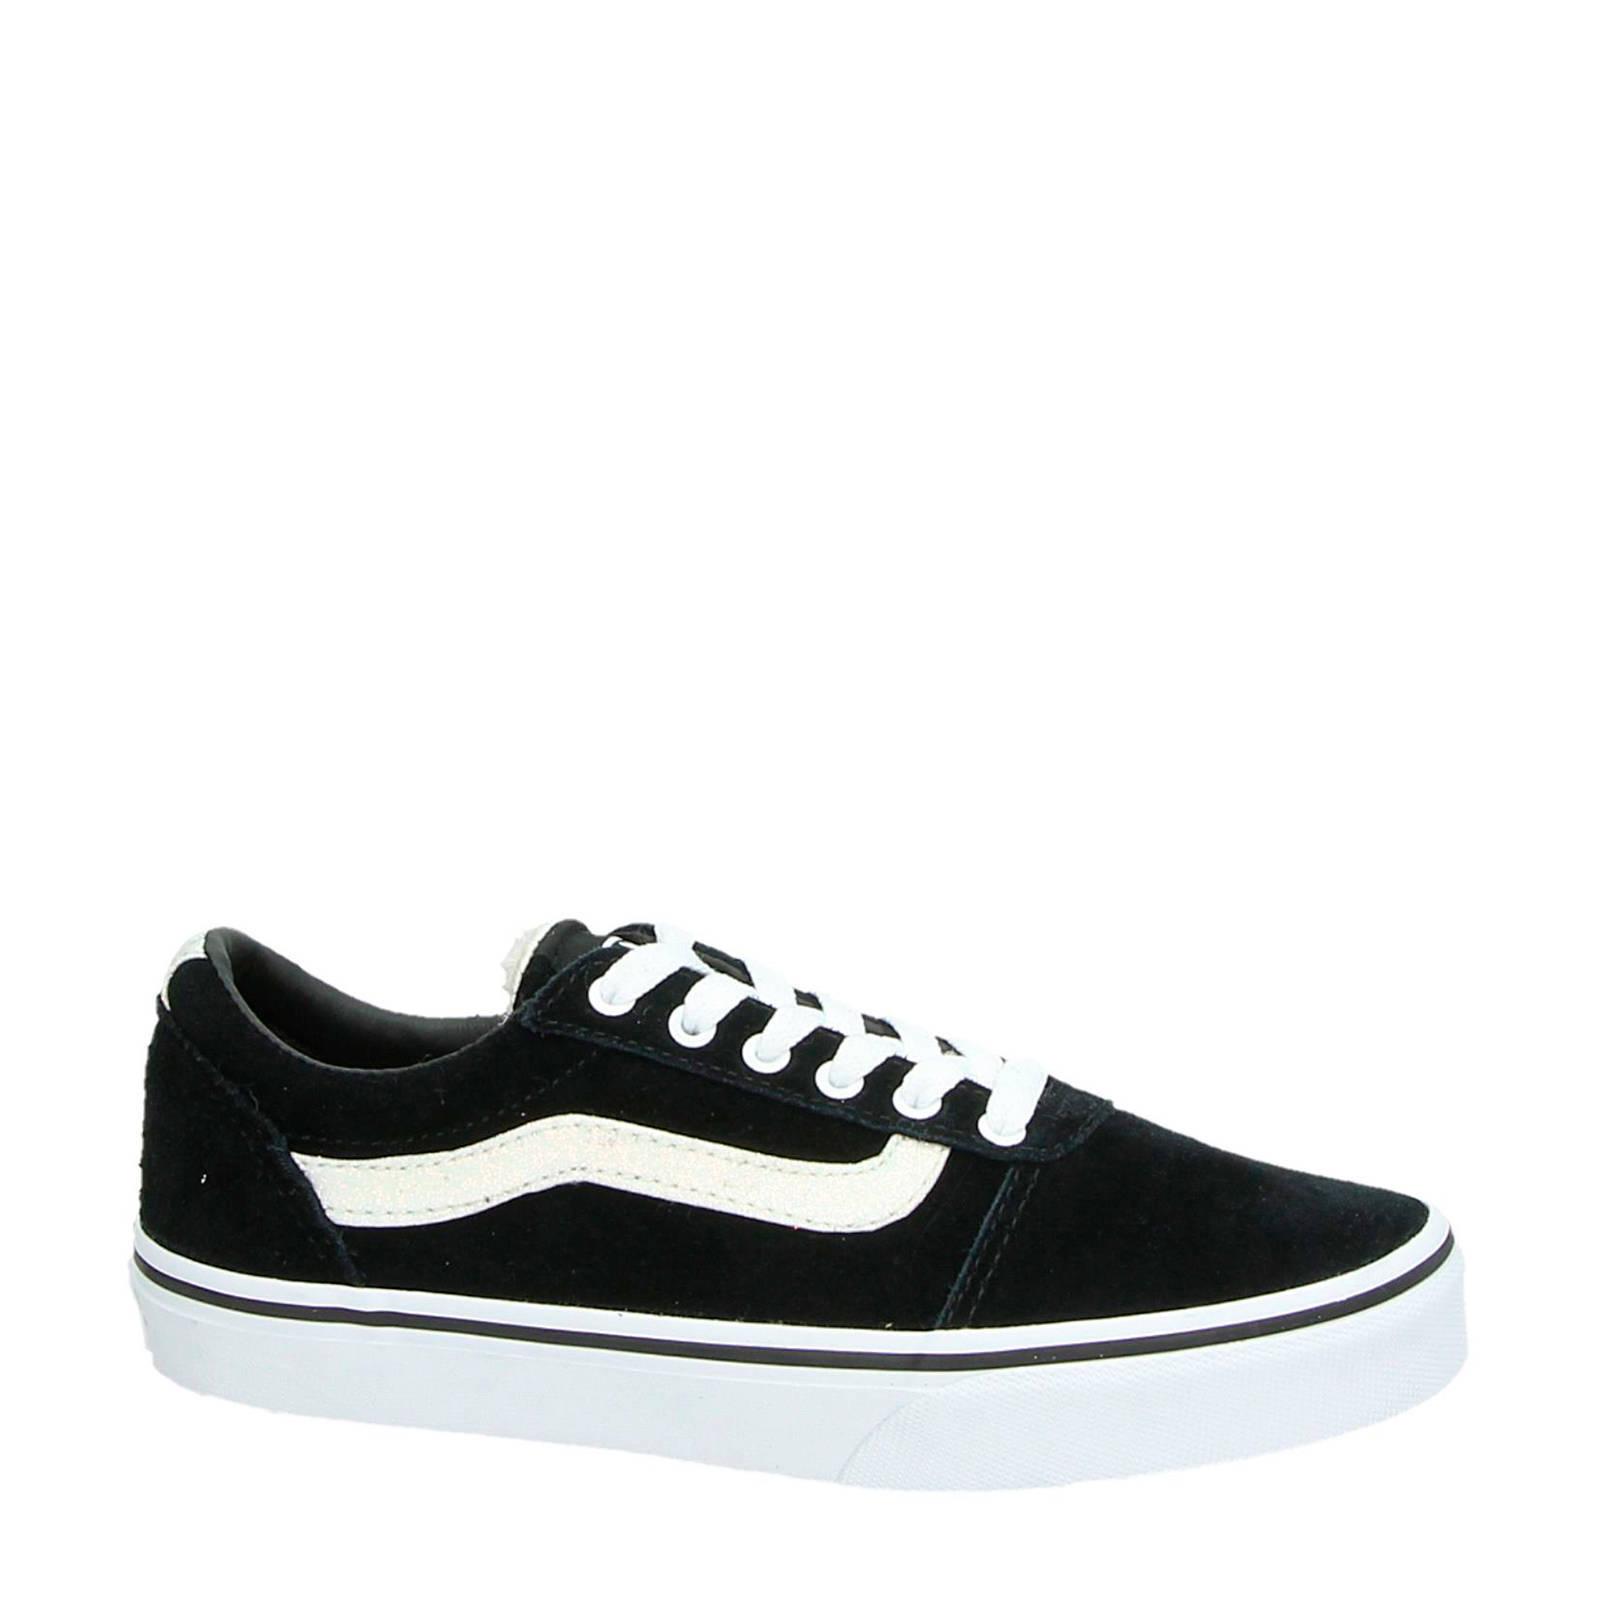 VANS suède sneakers zwart (meisjes)